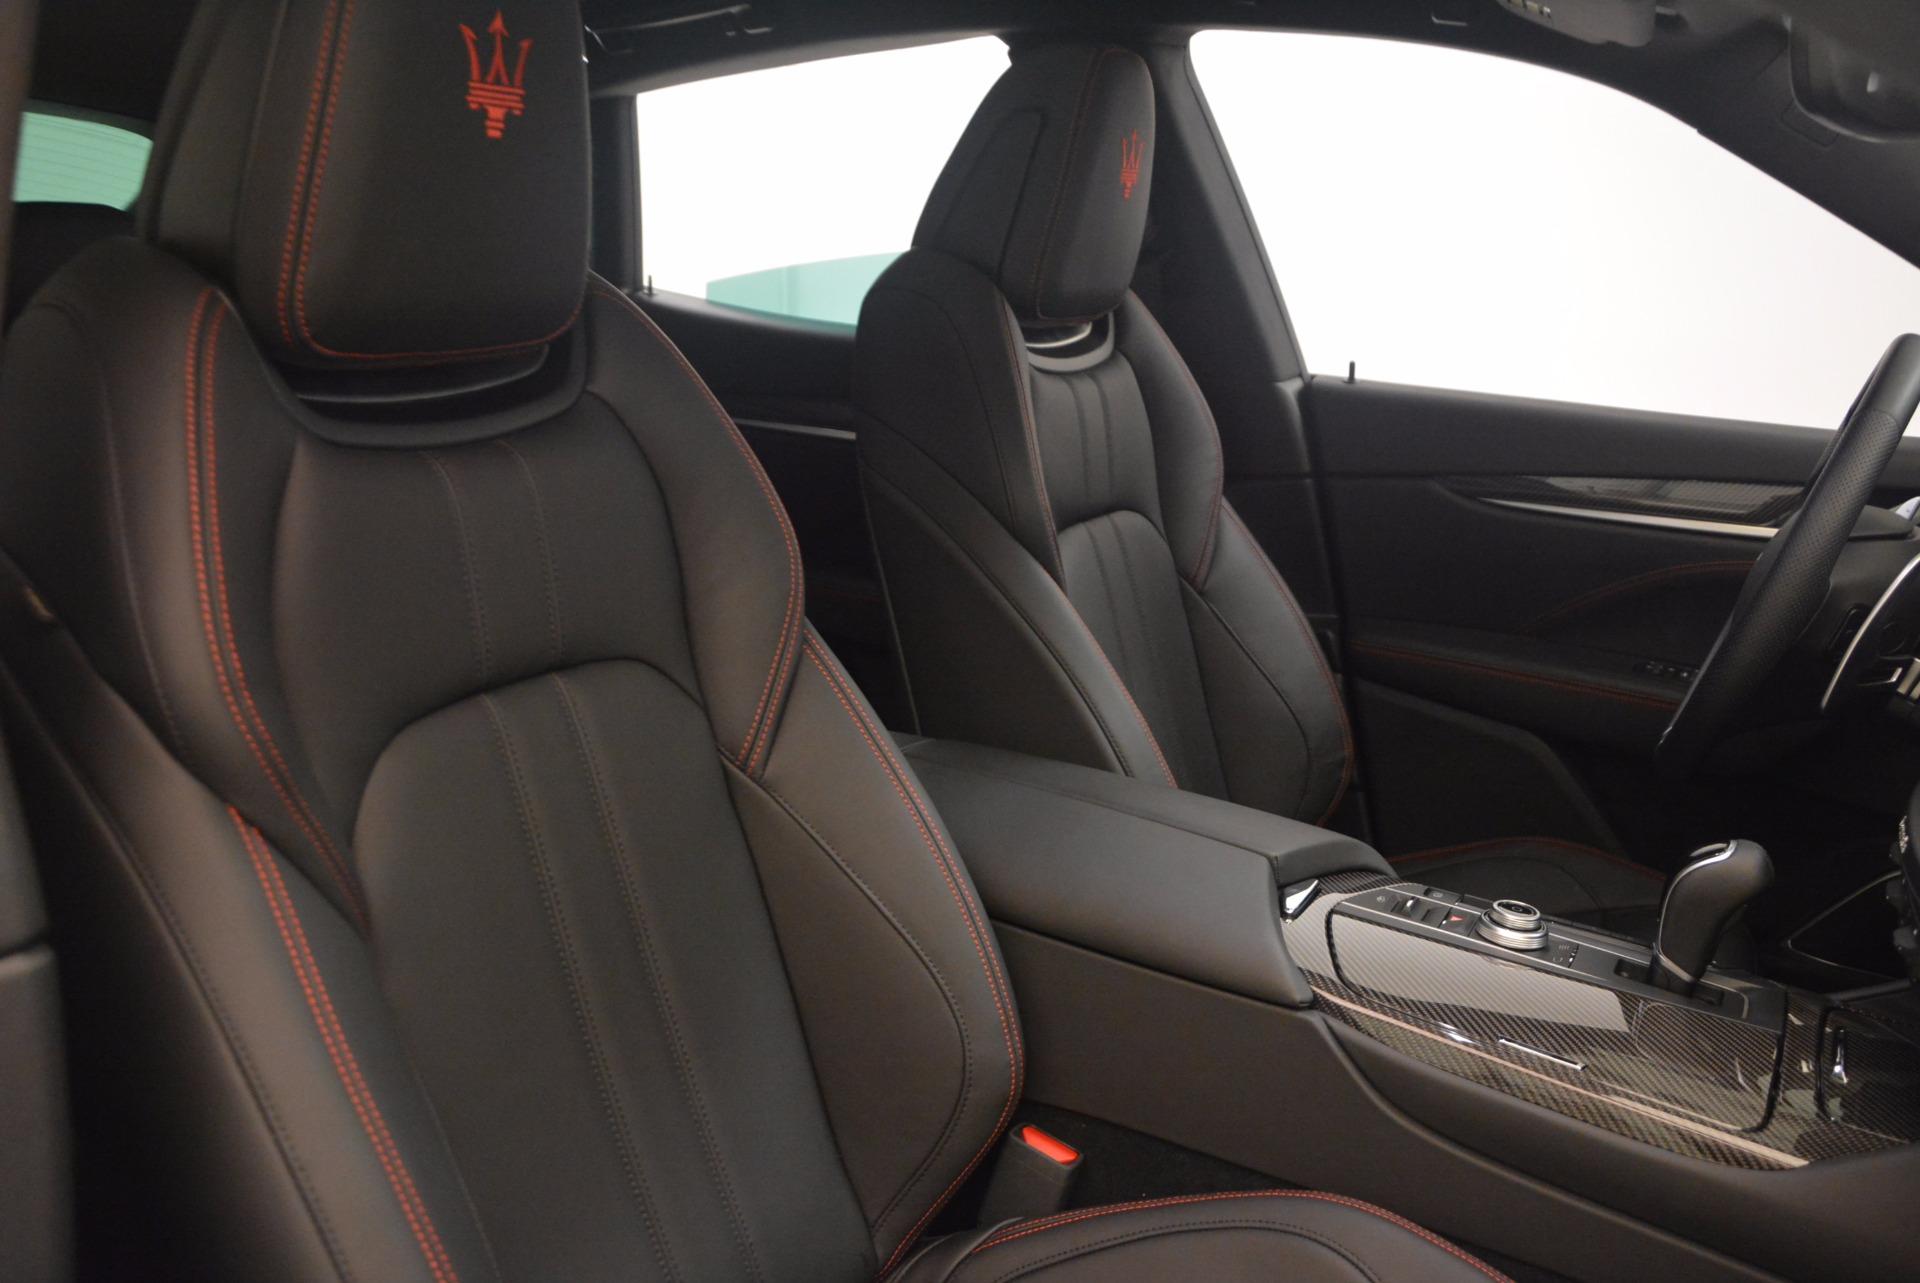 Used 2017 Maserati Levante S For Sale In Greenwich, CT 1112_p22